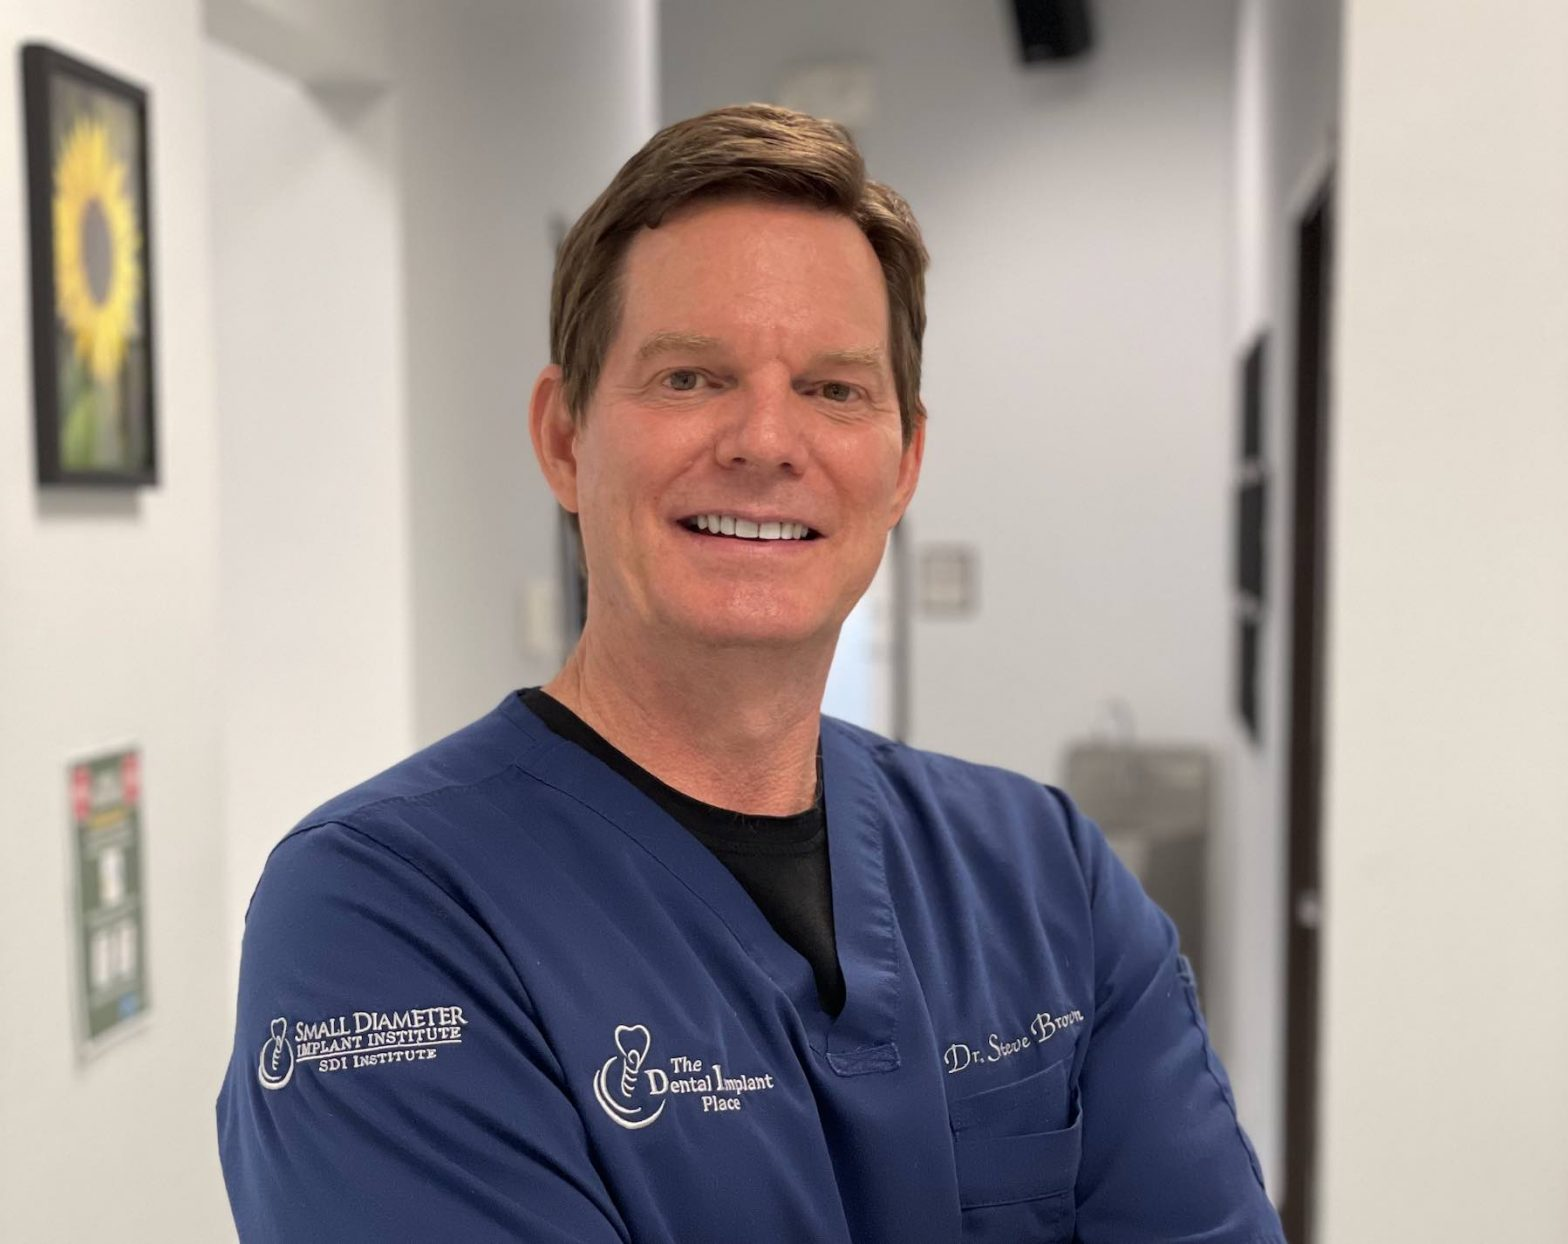 dr Steve Brown, dr brown dentist